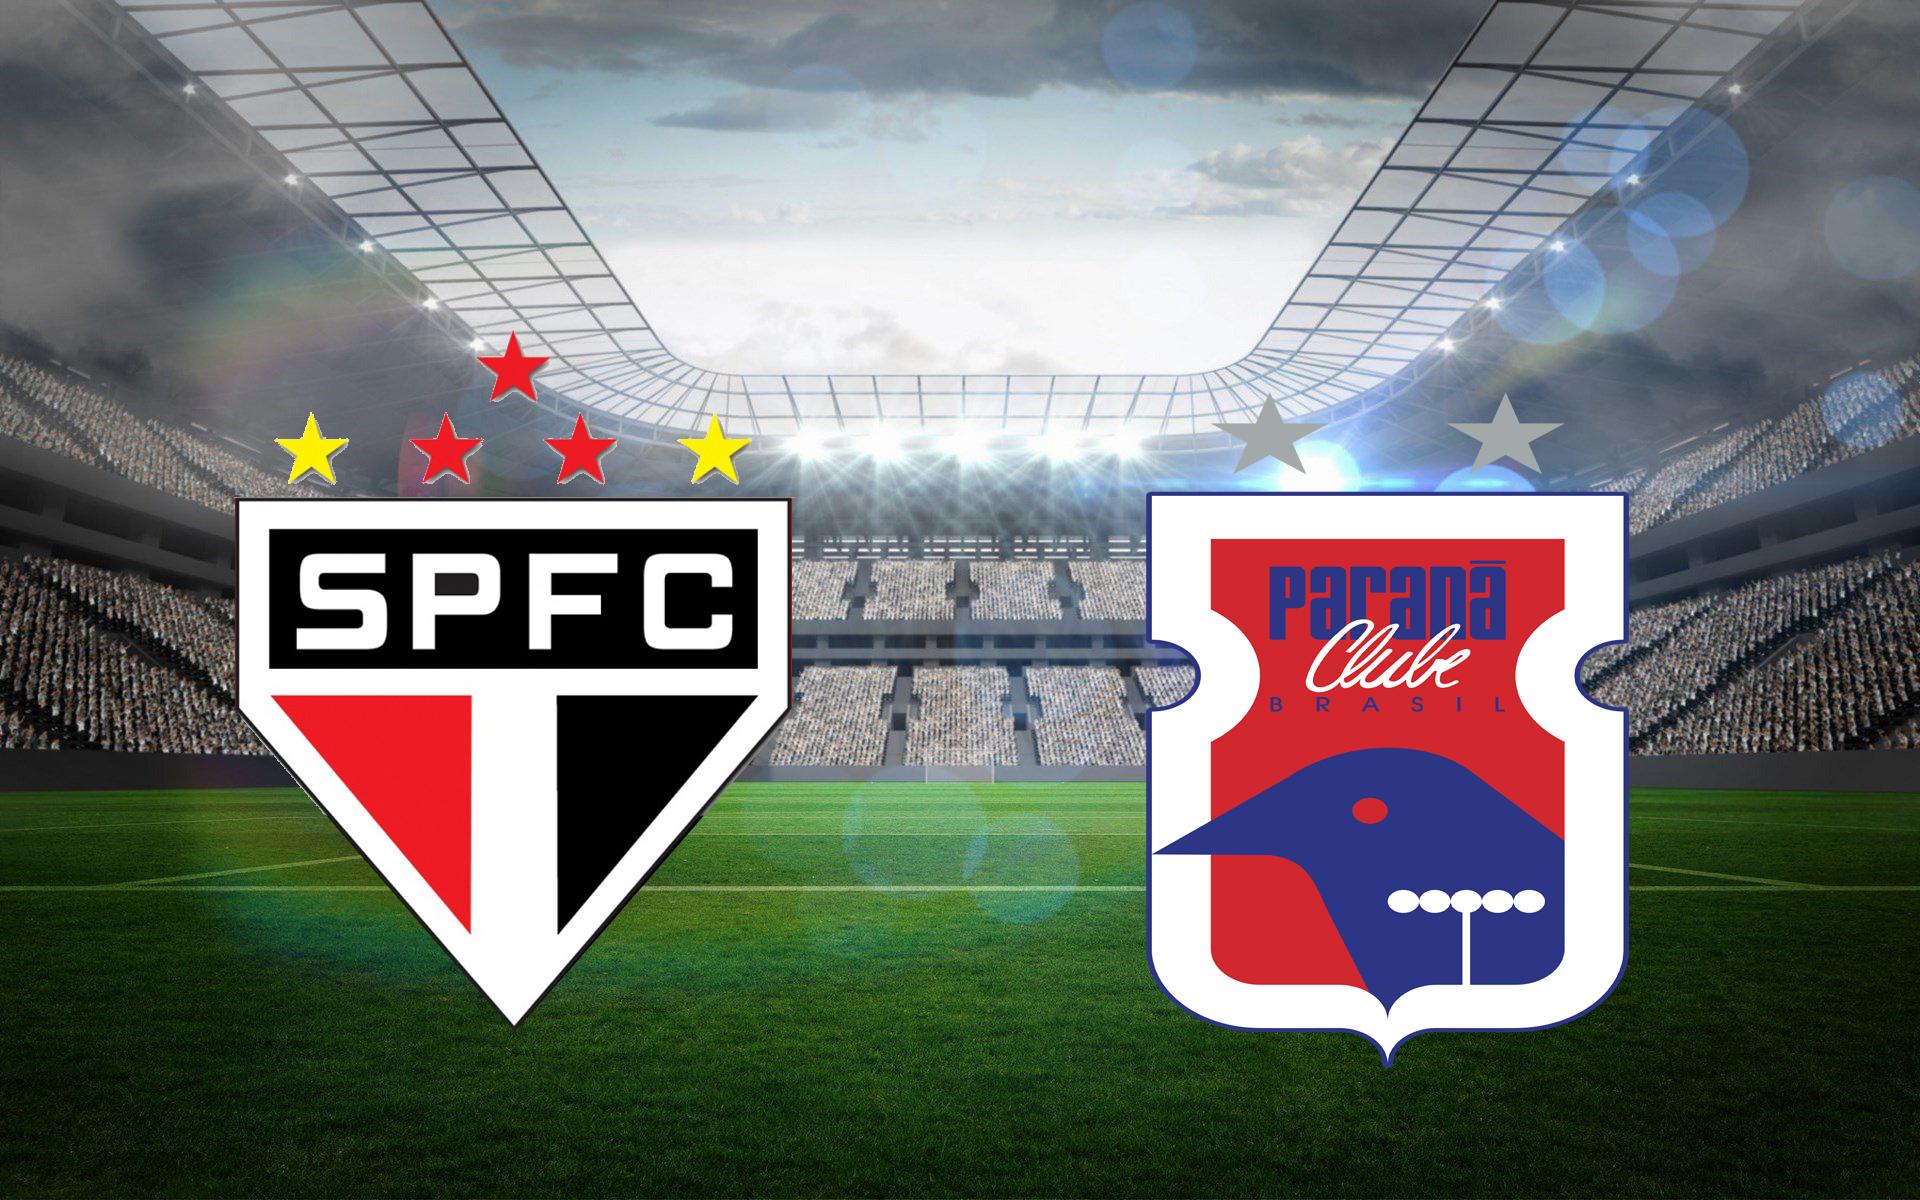 sao-paulo-vs-parana-soi-keo-vdqg-brazil-–-17-04-dan-mat-tan-binh-0